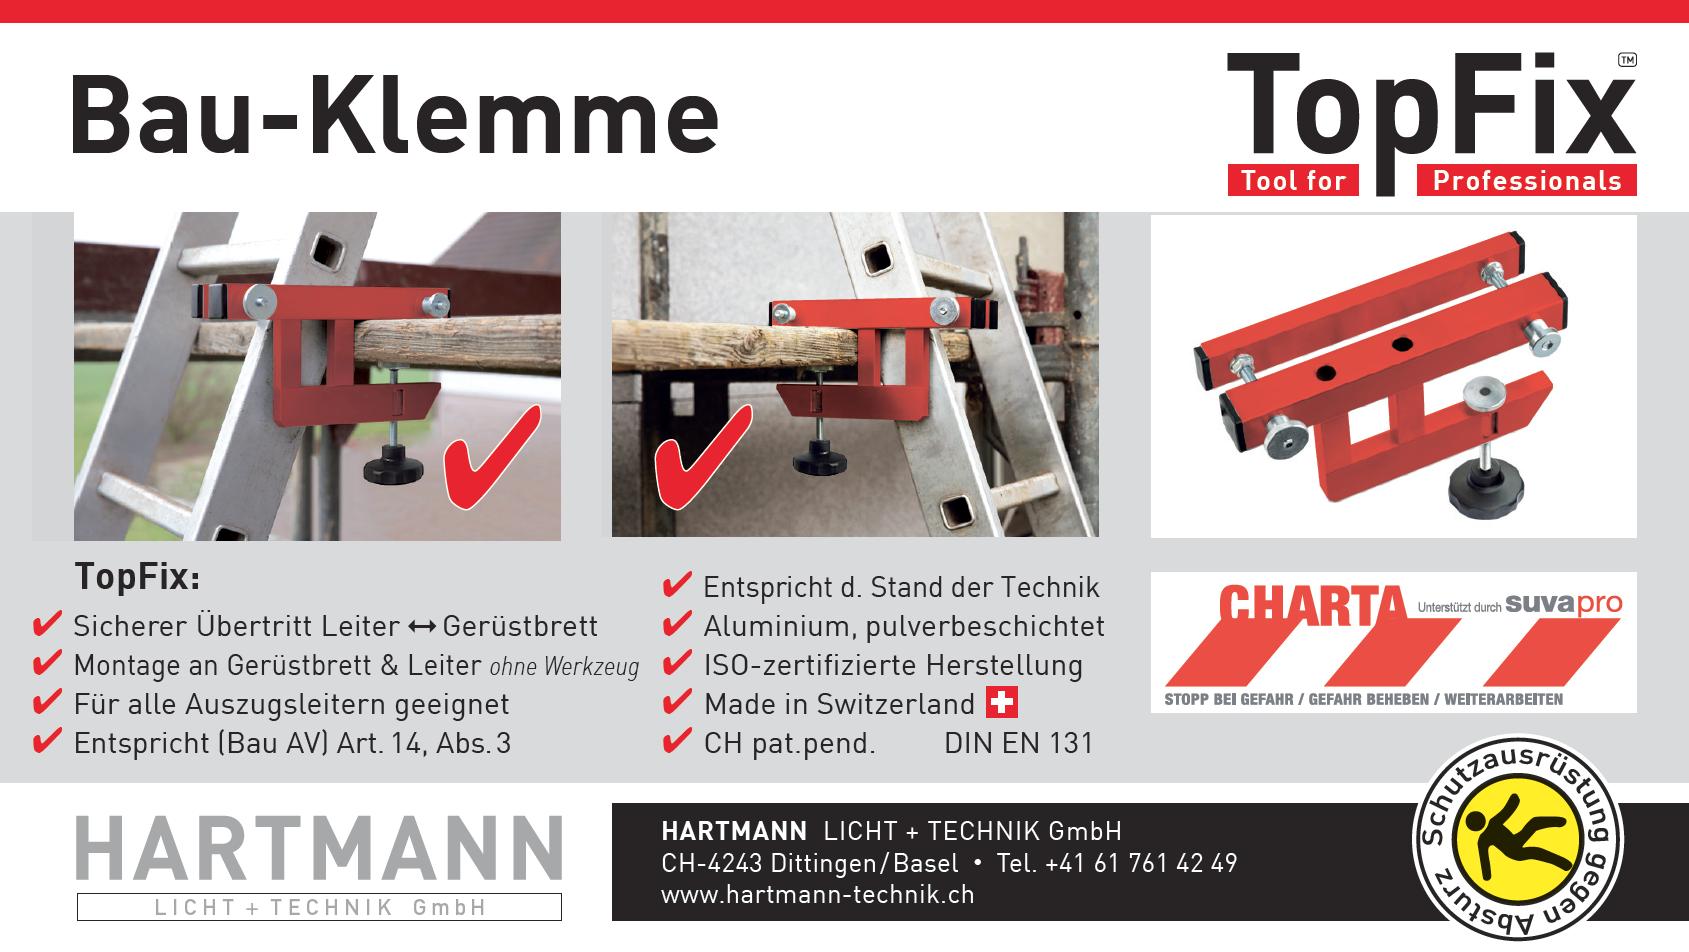 TopFix Bau-Klemme